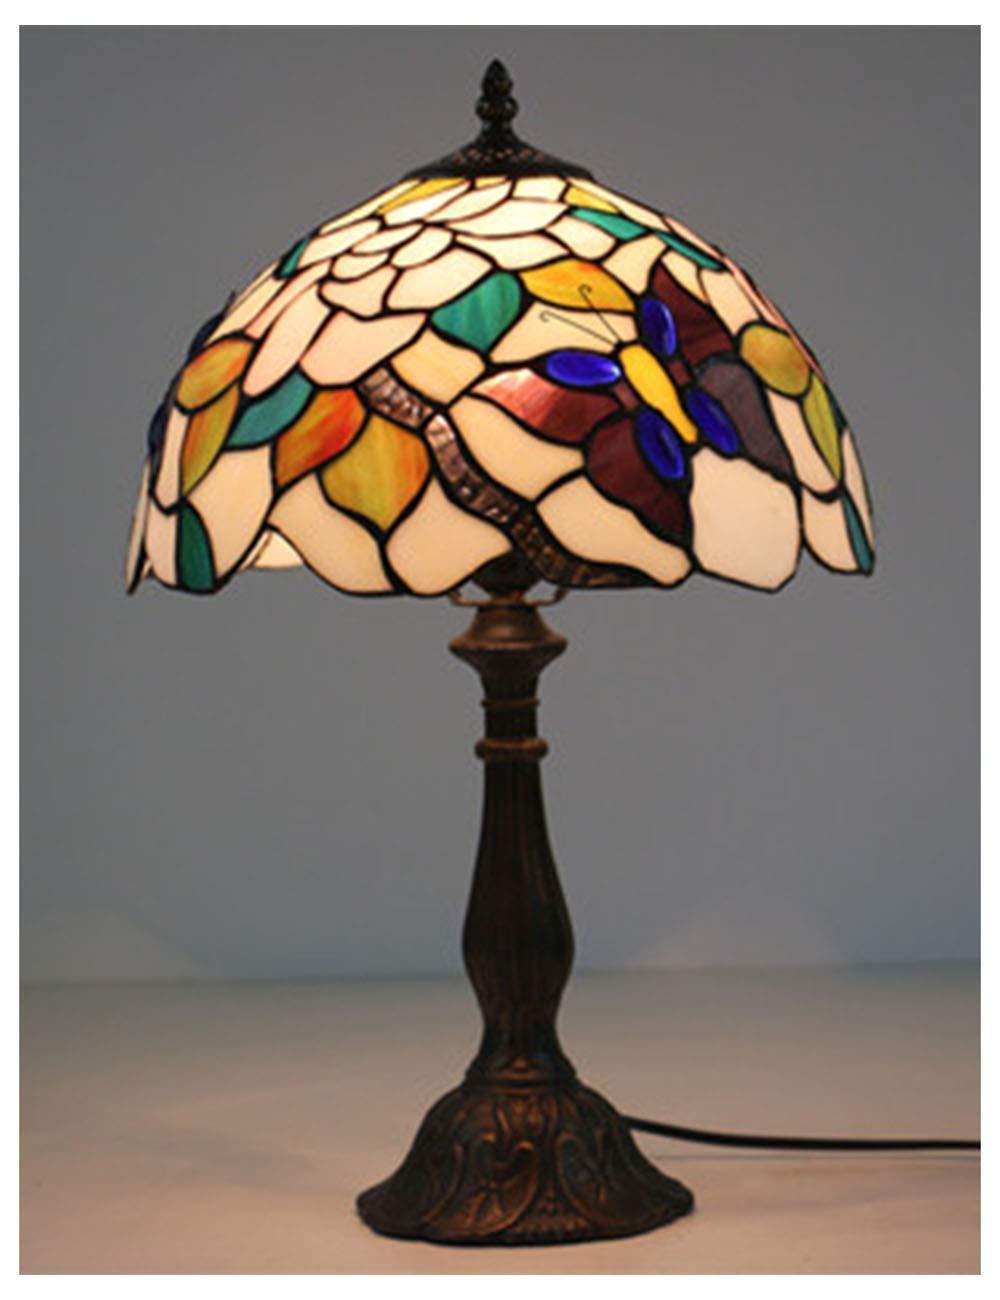 Xiuxiu Europäische Kreative Retro Glasmalerei Tischlampe Schlafzimmer Nachttischlampe Esszimmer Wohnzimmer Bar Dekoration Tischlampe B07JFCYRM7 | Exzellente Verarbeitung